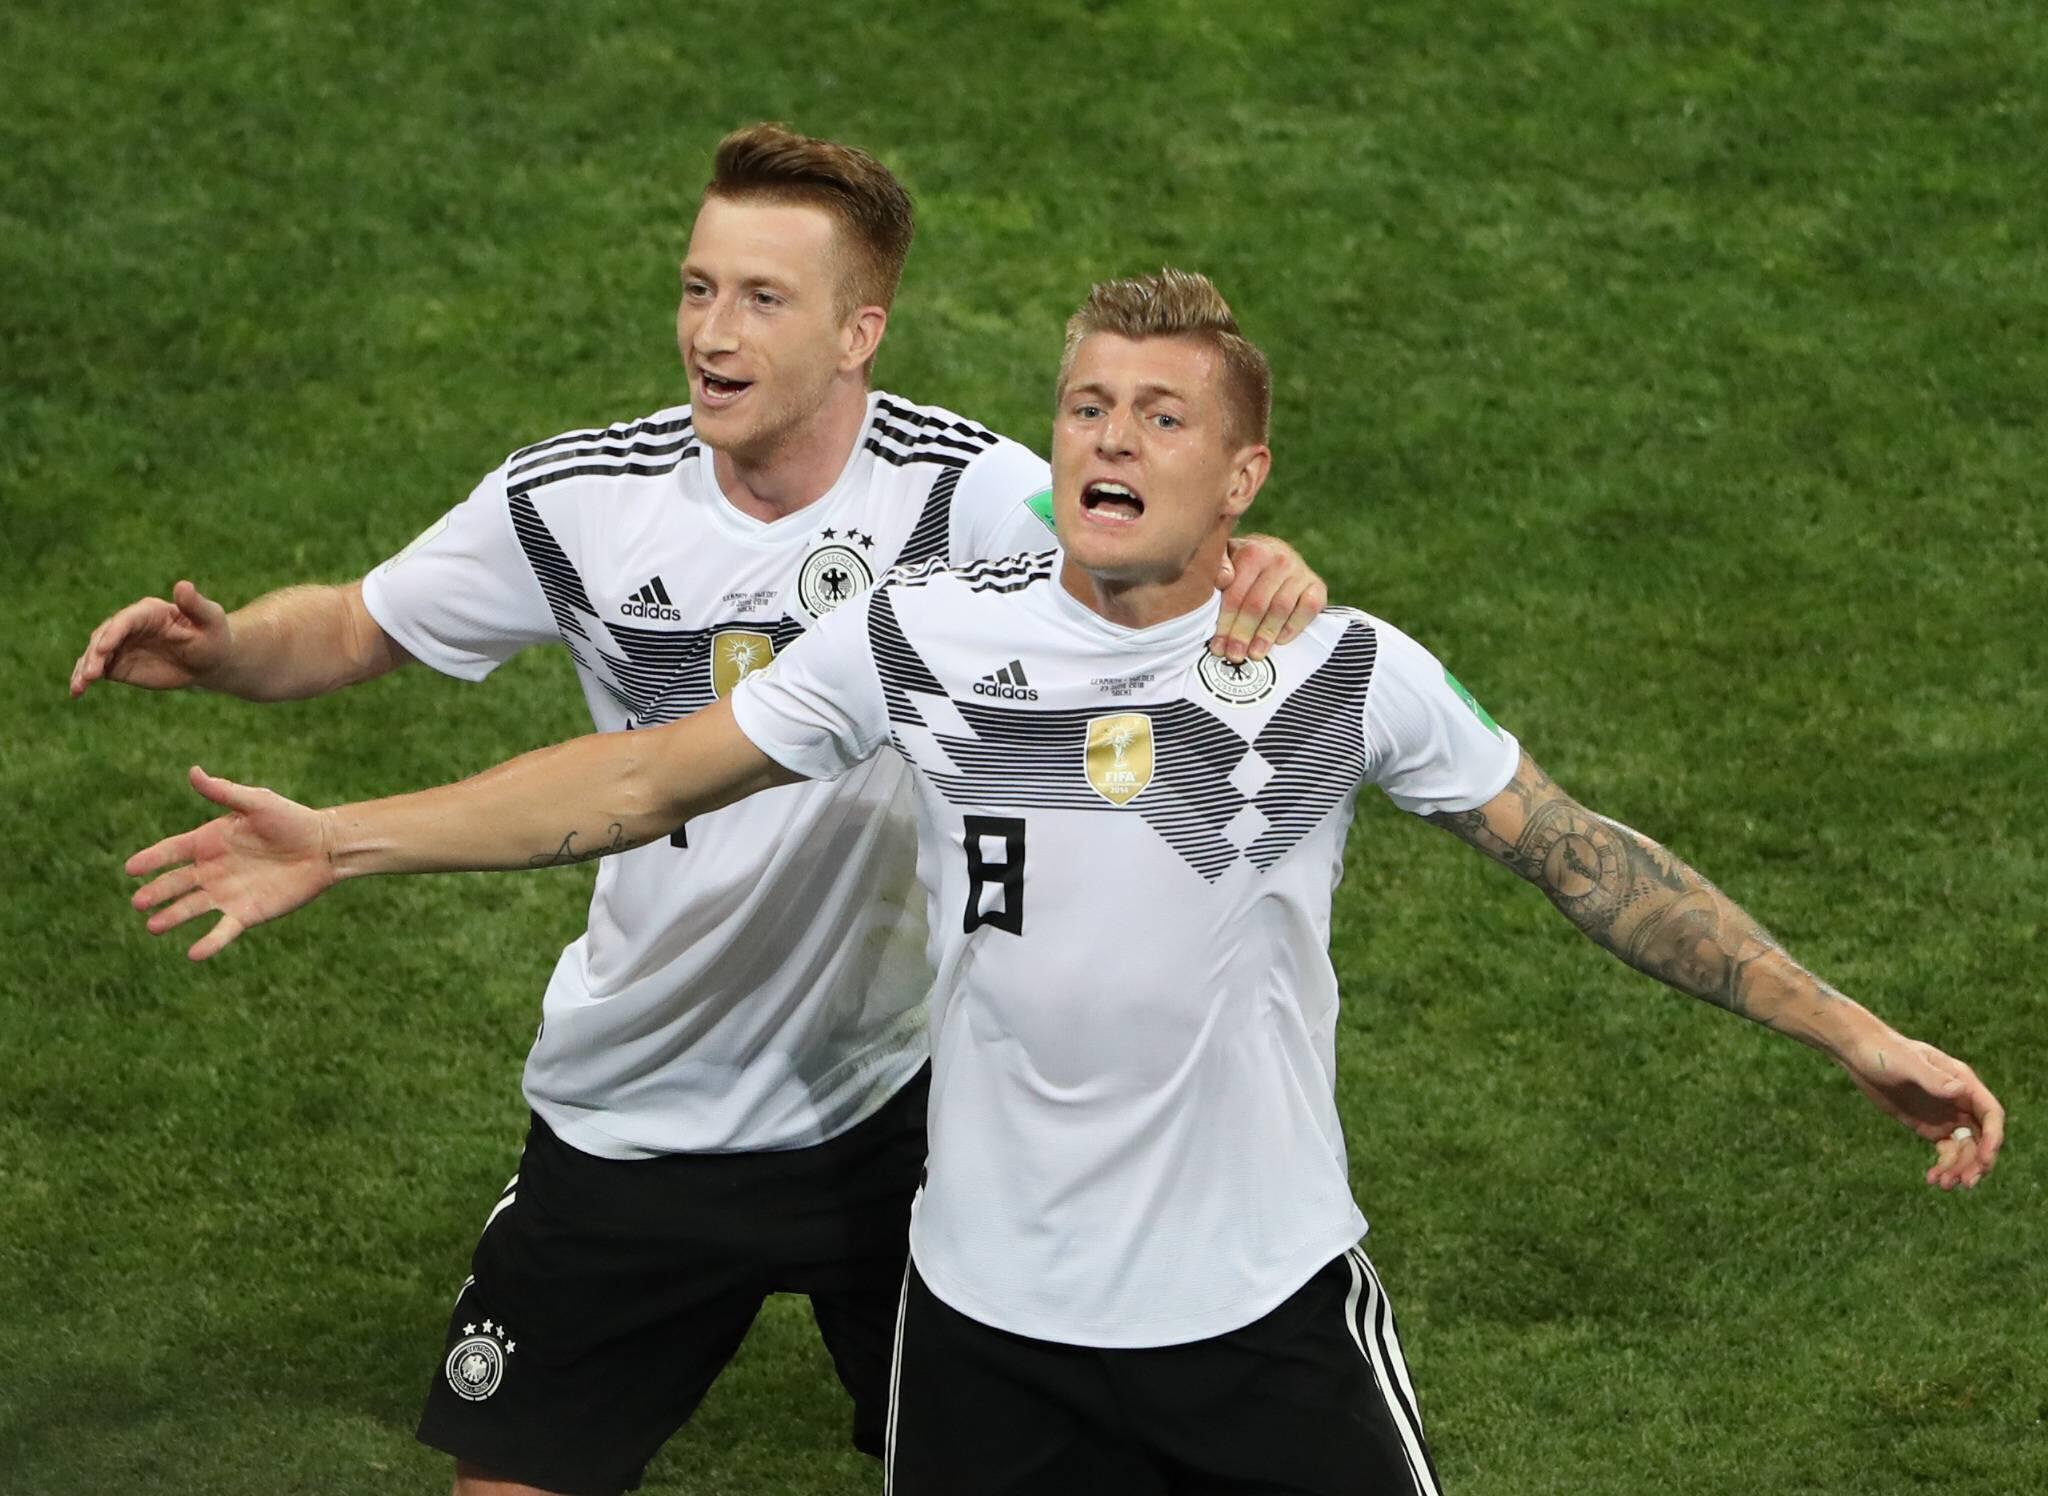 Bild zu Toni Kroos, WM 2018, Weltmeisterschaft, DFB Team, die Mannschaft